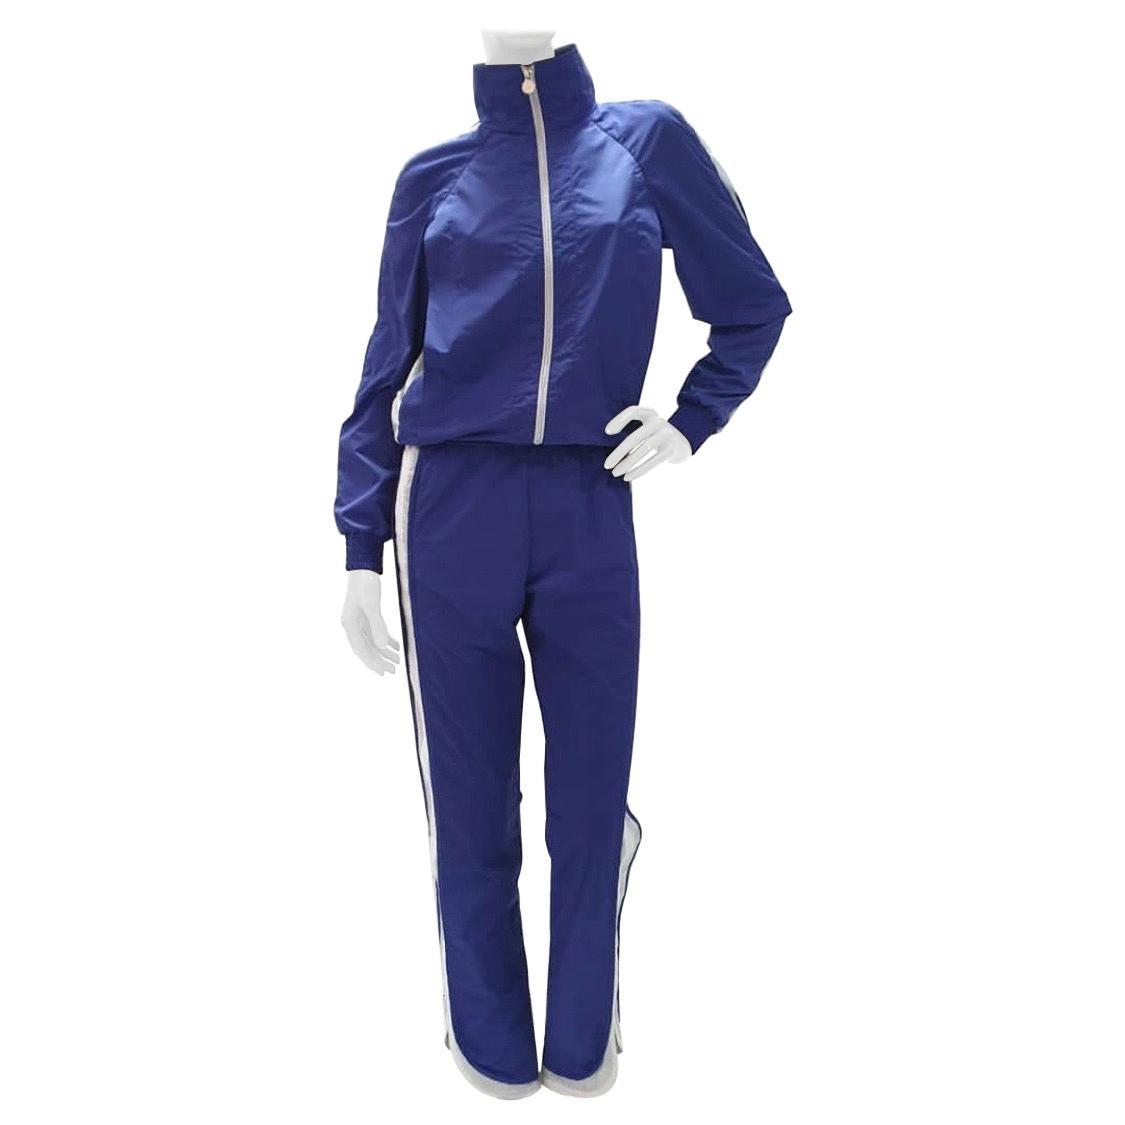 Chanel Logo Sport Suit